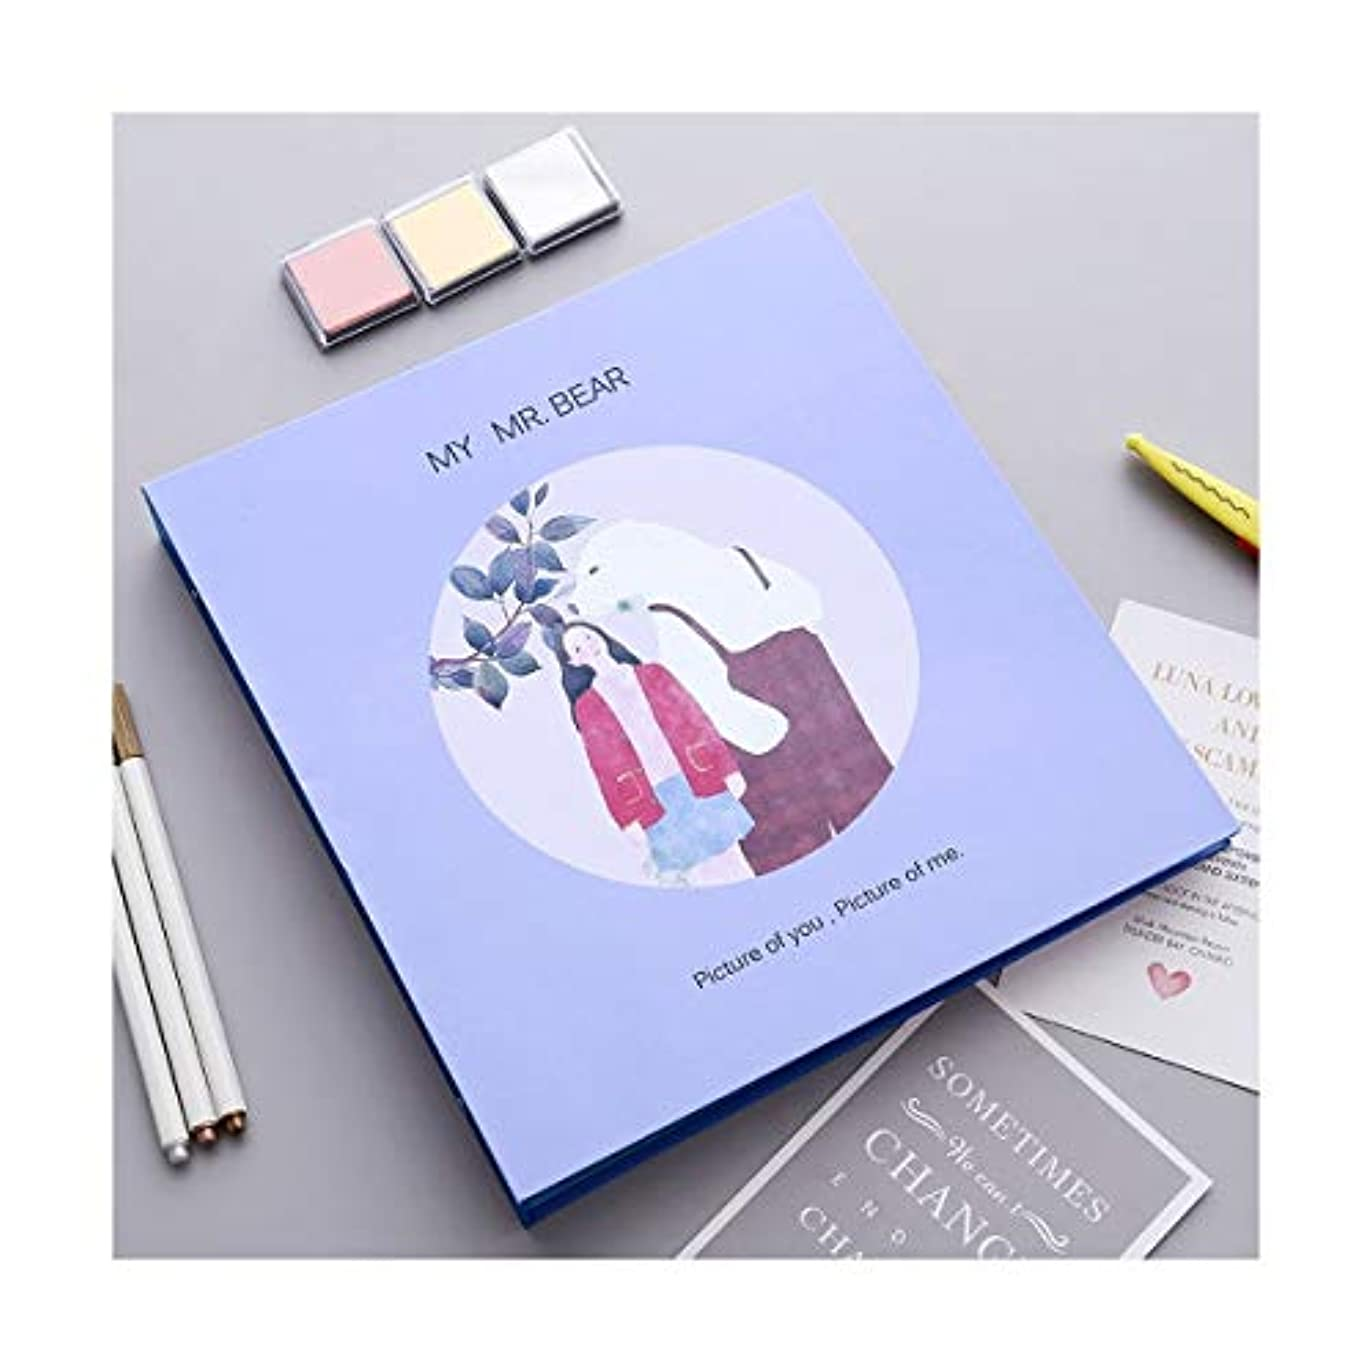 喜劇フルーツ宣教師SLY フォトアルバム、Diyハンドメイドクリエイティブフィルムアルバム、Paste Homemade Album (Color : A)